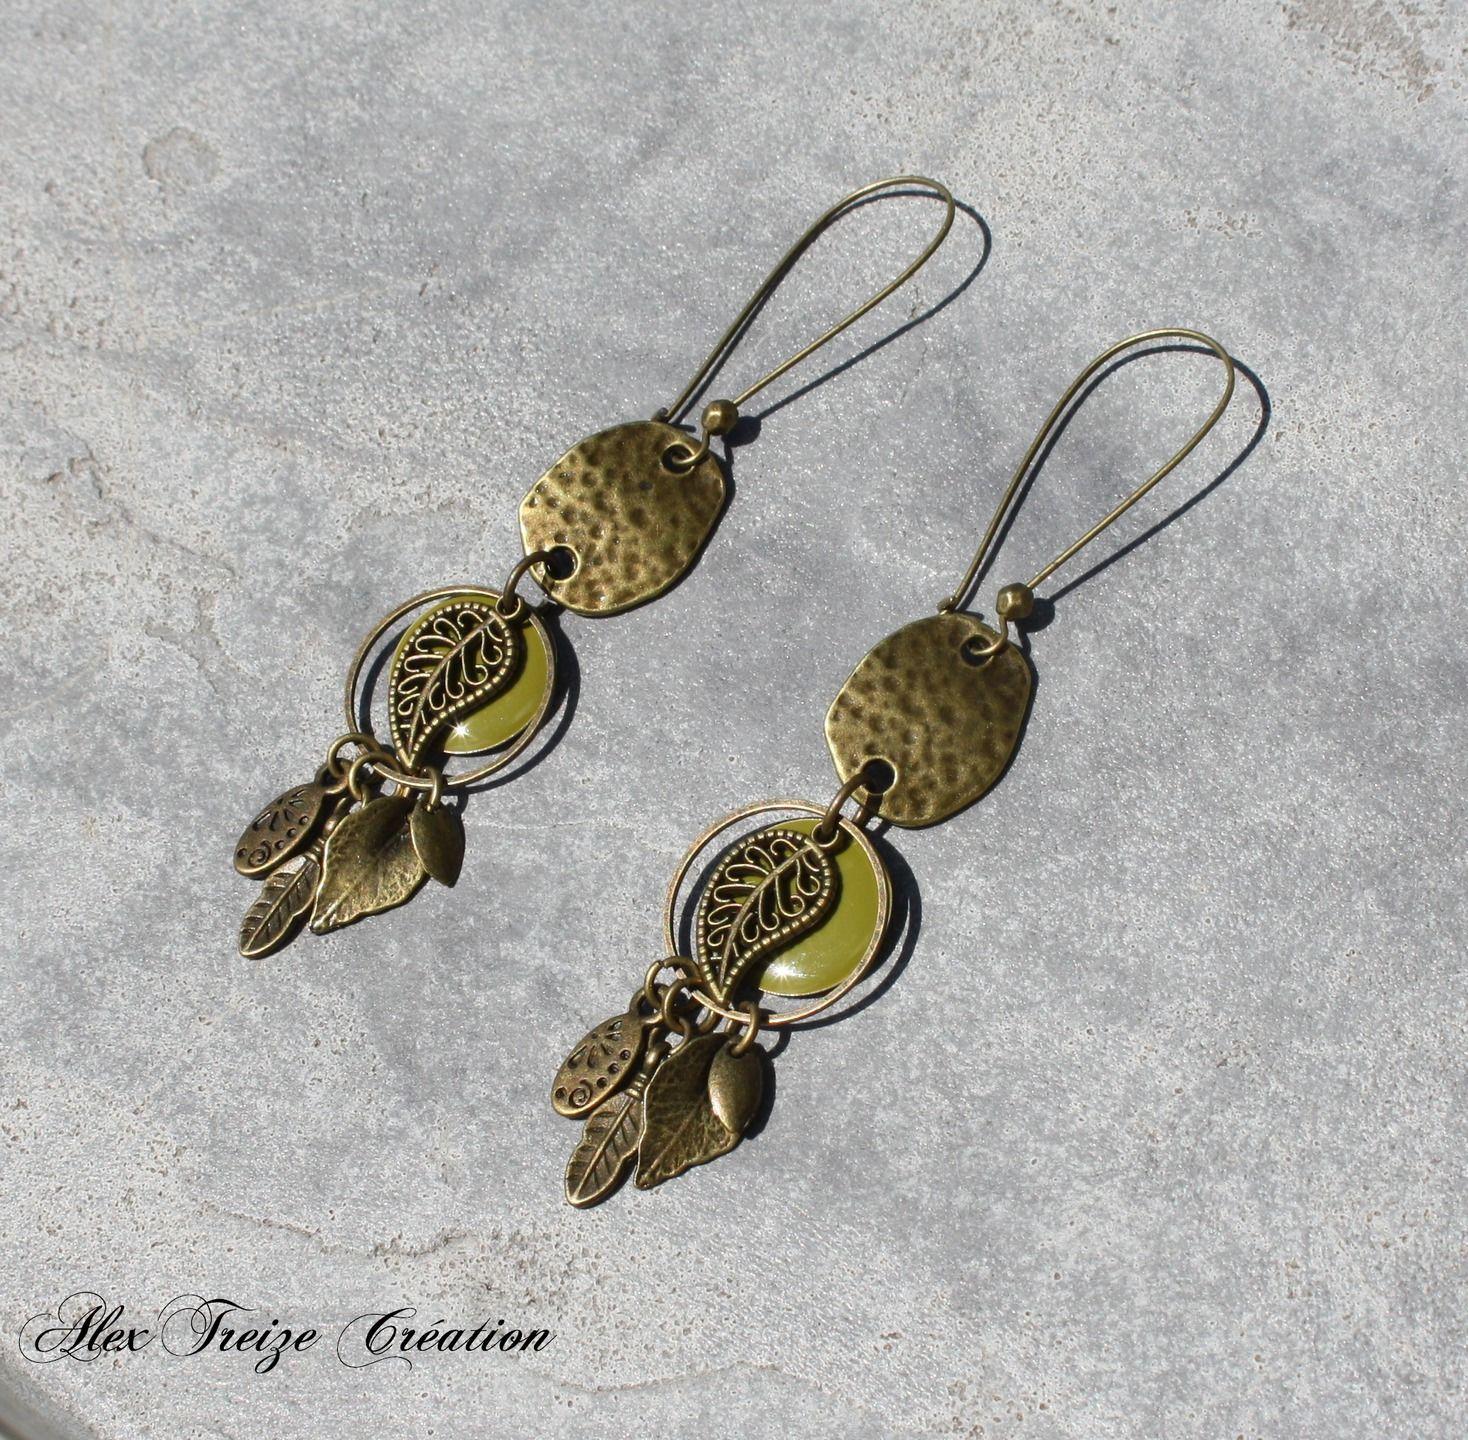 b3cef38649b0e Bijou Créateur - Boucles d'oreilles dormeuses bronze intercalaires antique  et…